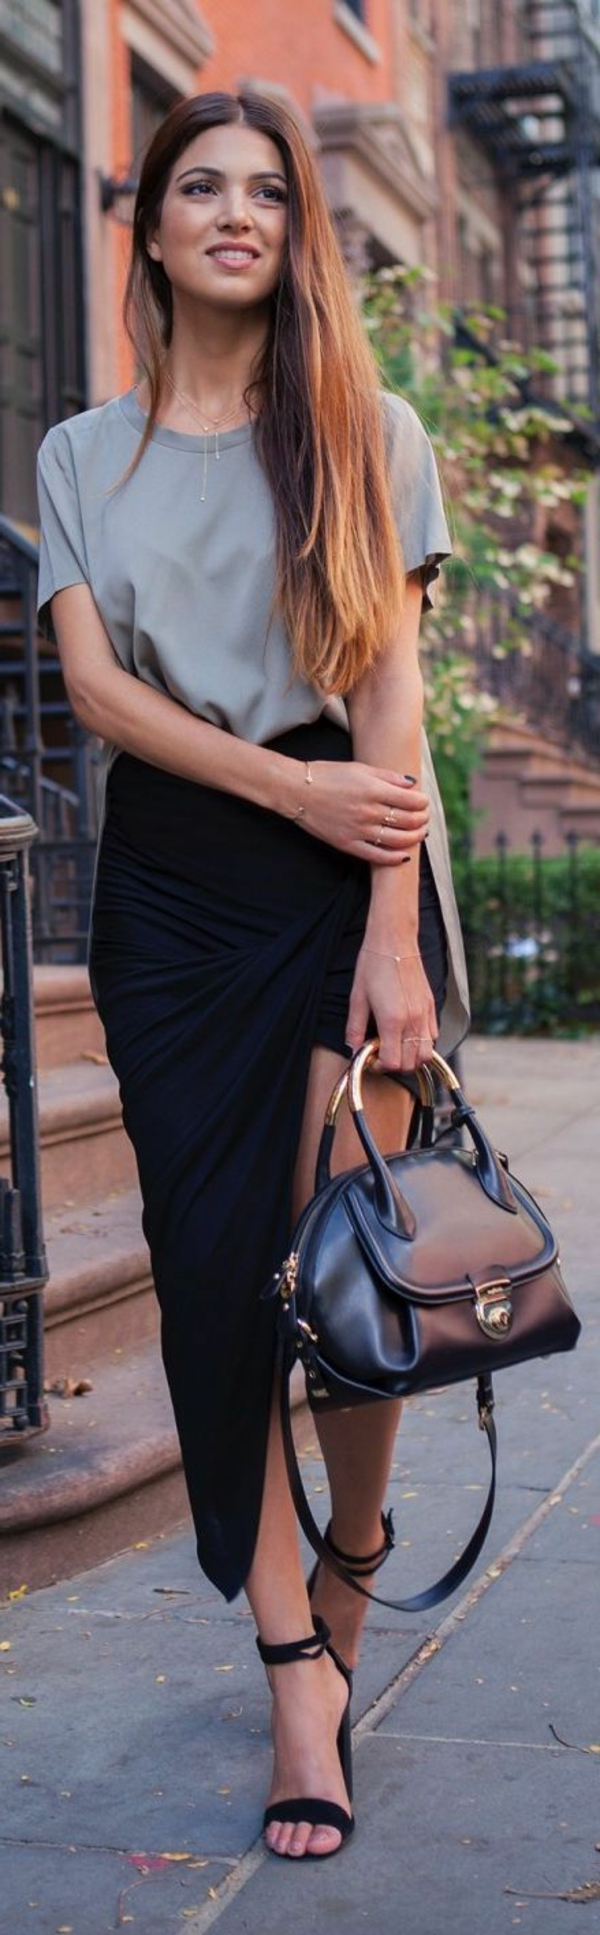 jupe-asymétrique-outfit-stylé